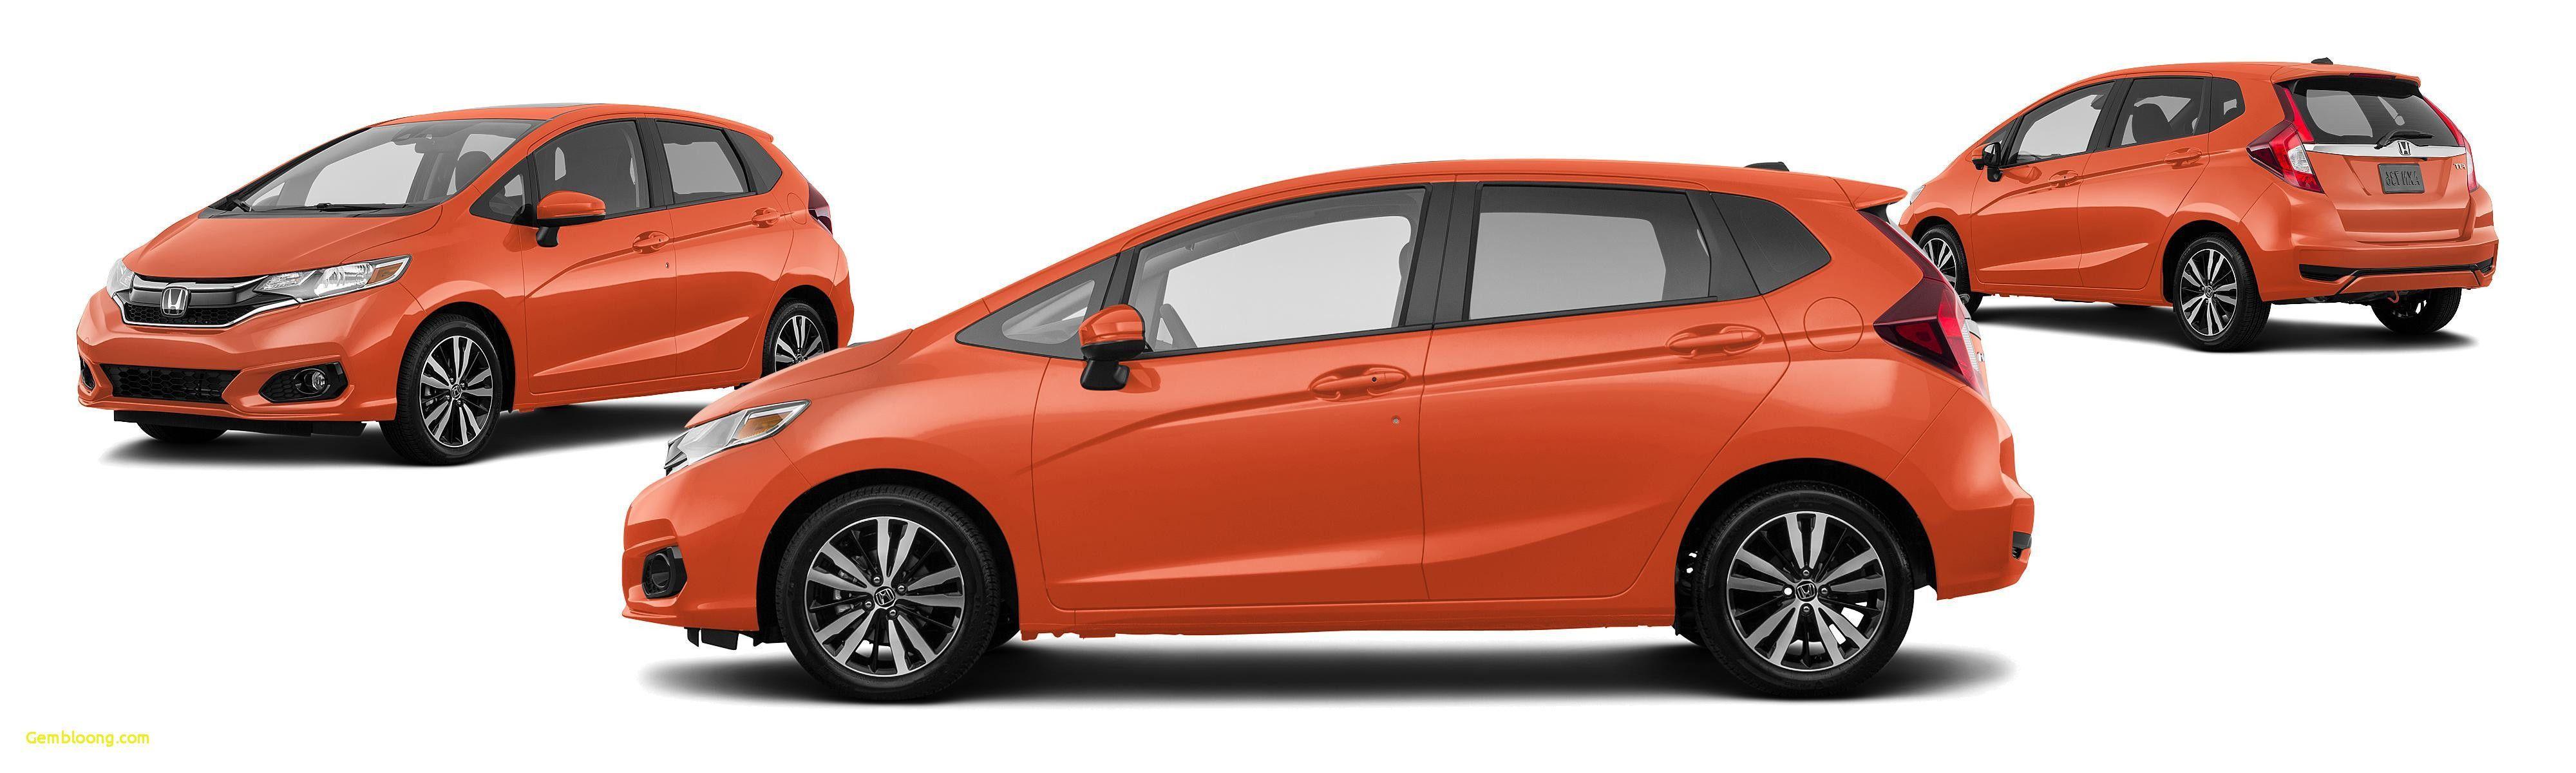 Honda Fit 2019 Honda Fit 2019 2020 Honda Fit Honda Fit 2019 2016 In 2020 Honda Fit Honda Lexus Sports Car